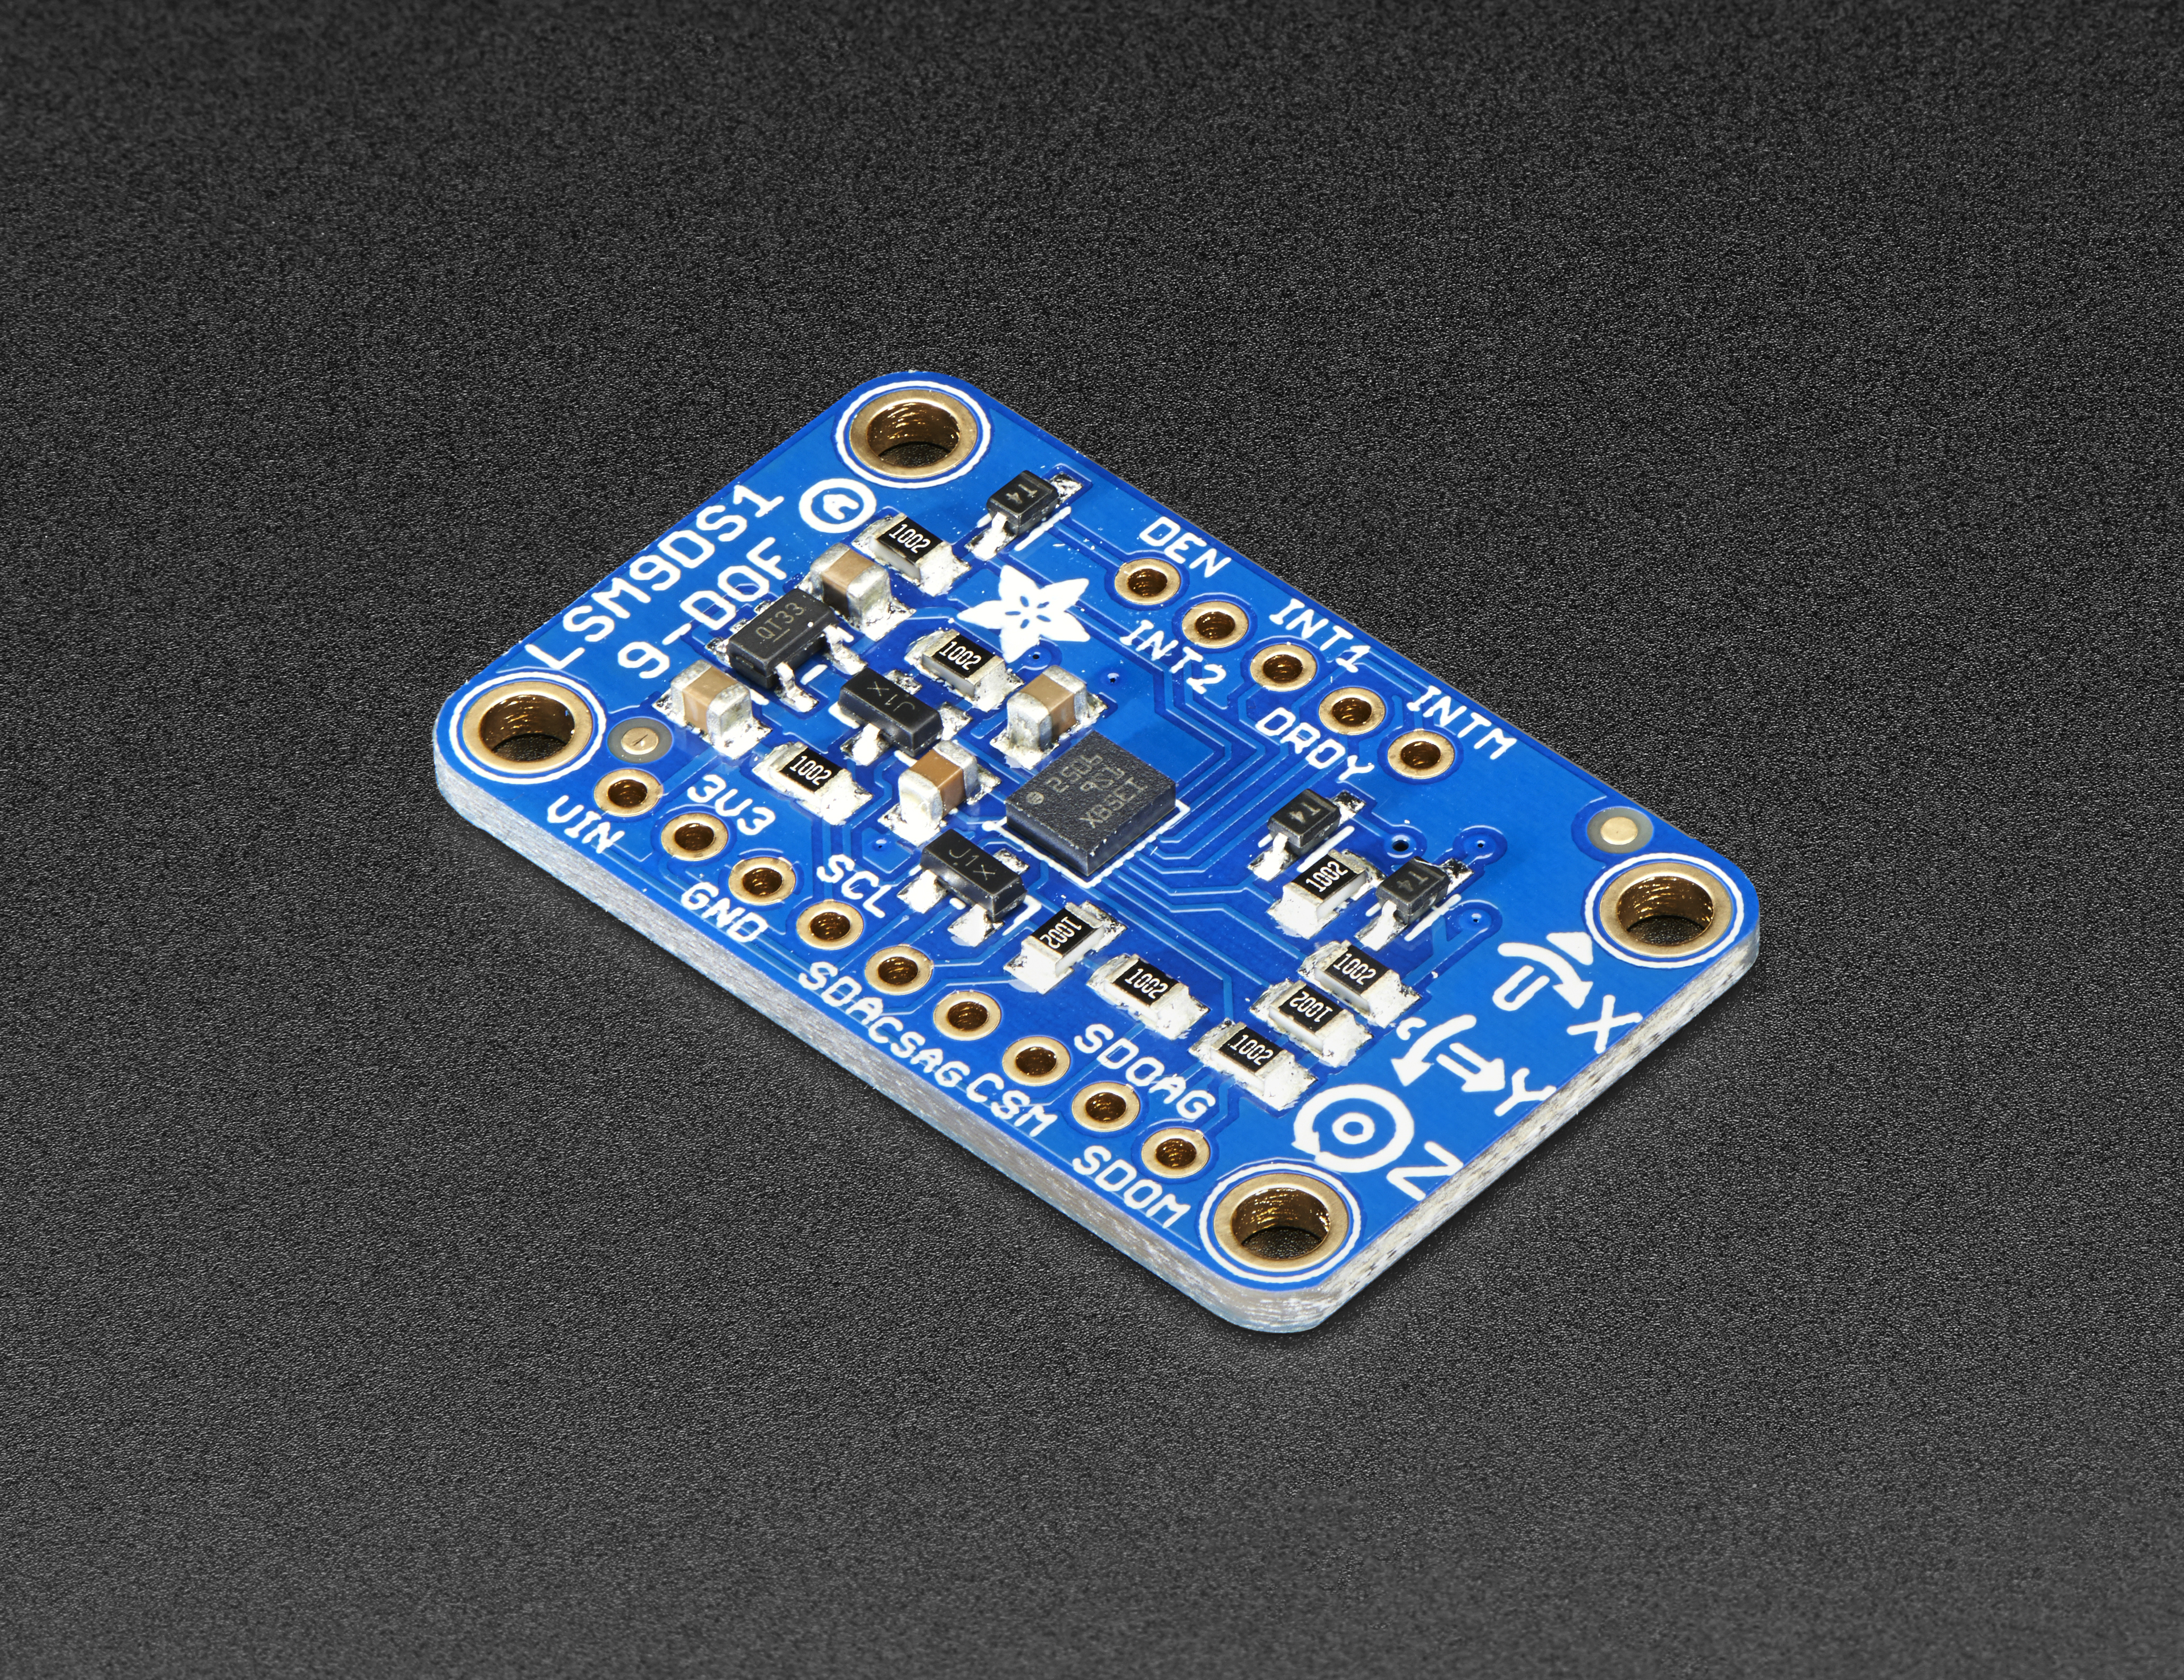 sensors_3387_iso_ORIG.jpg